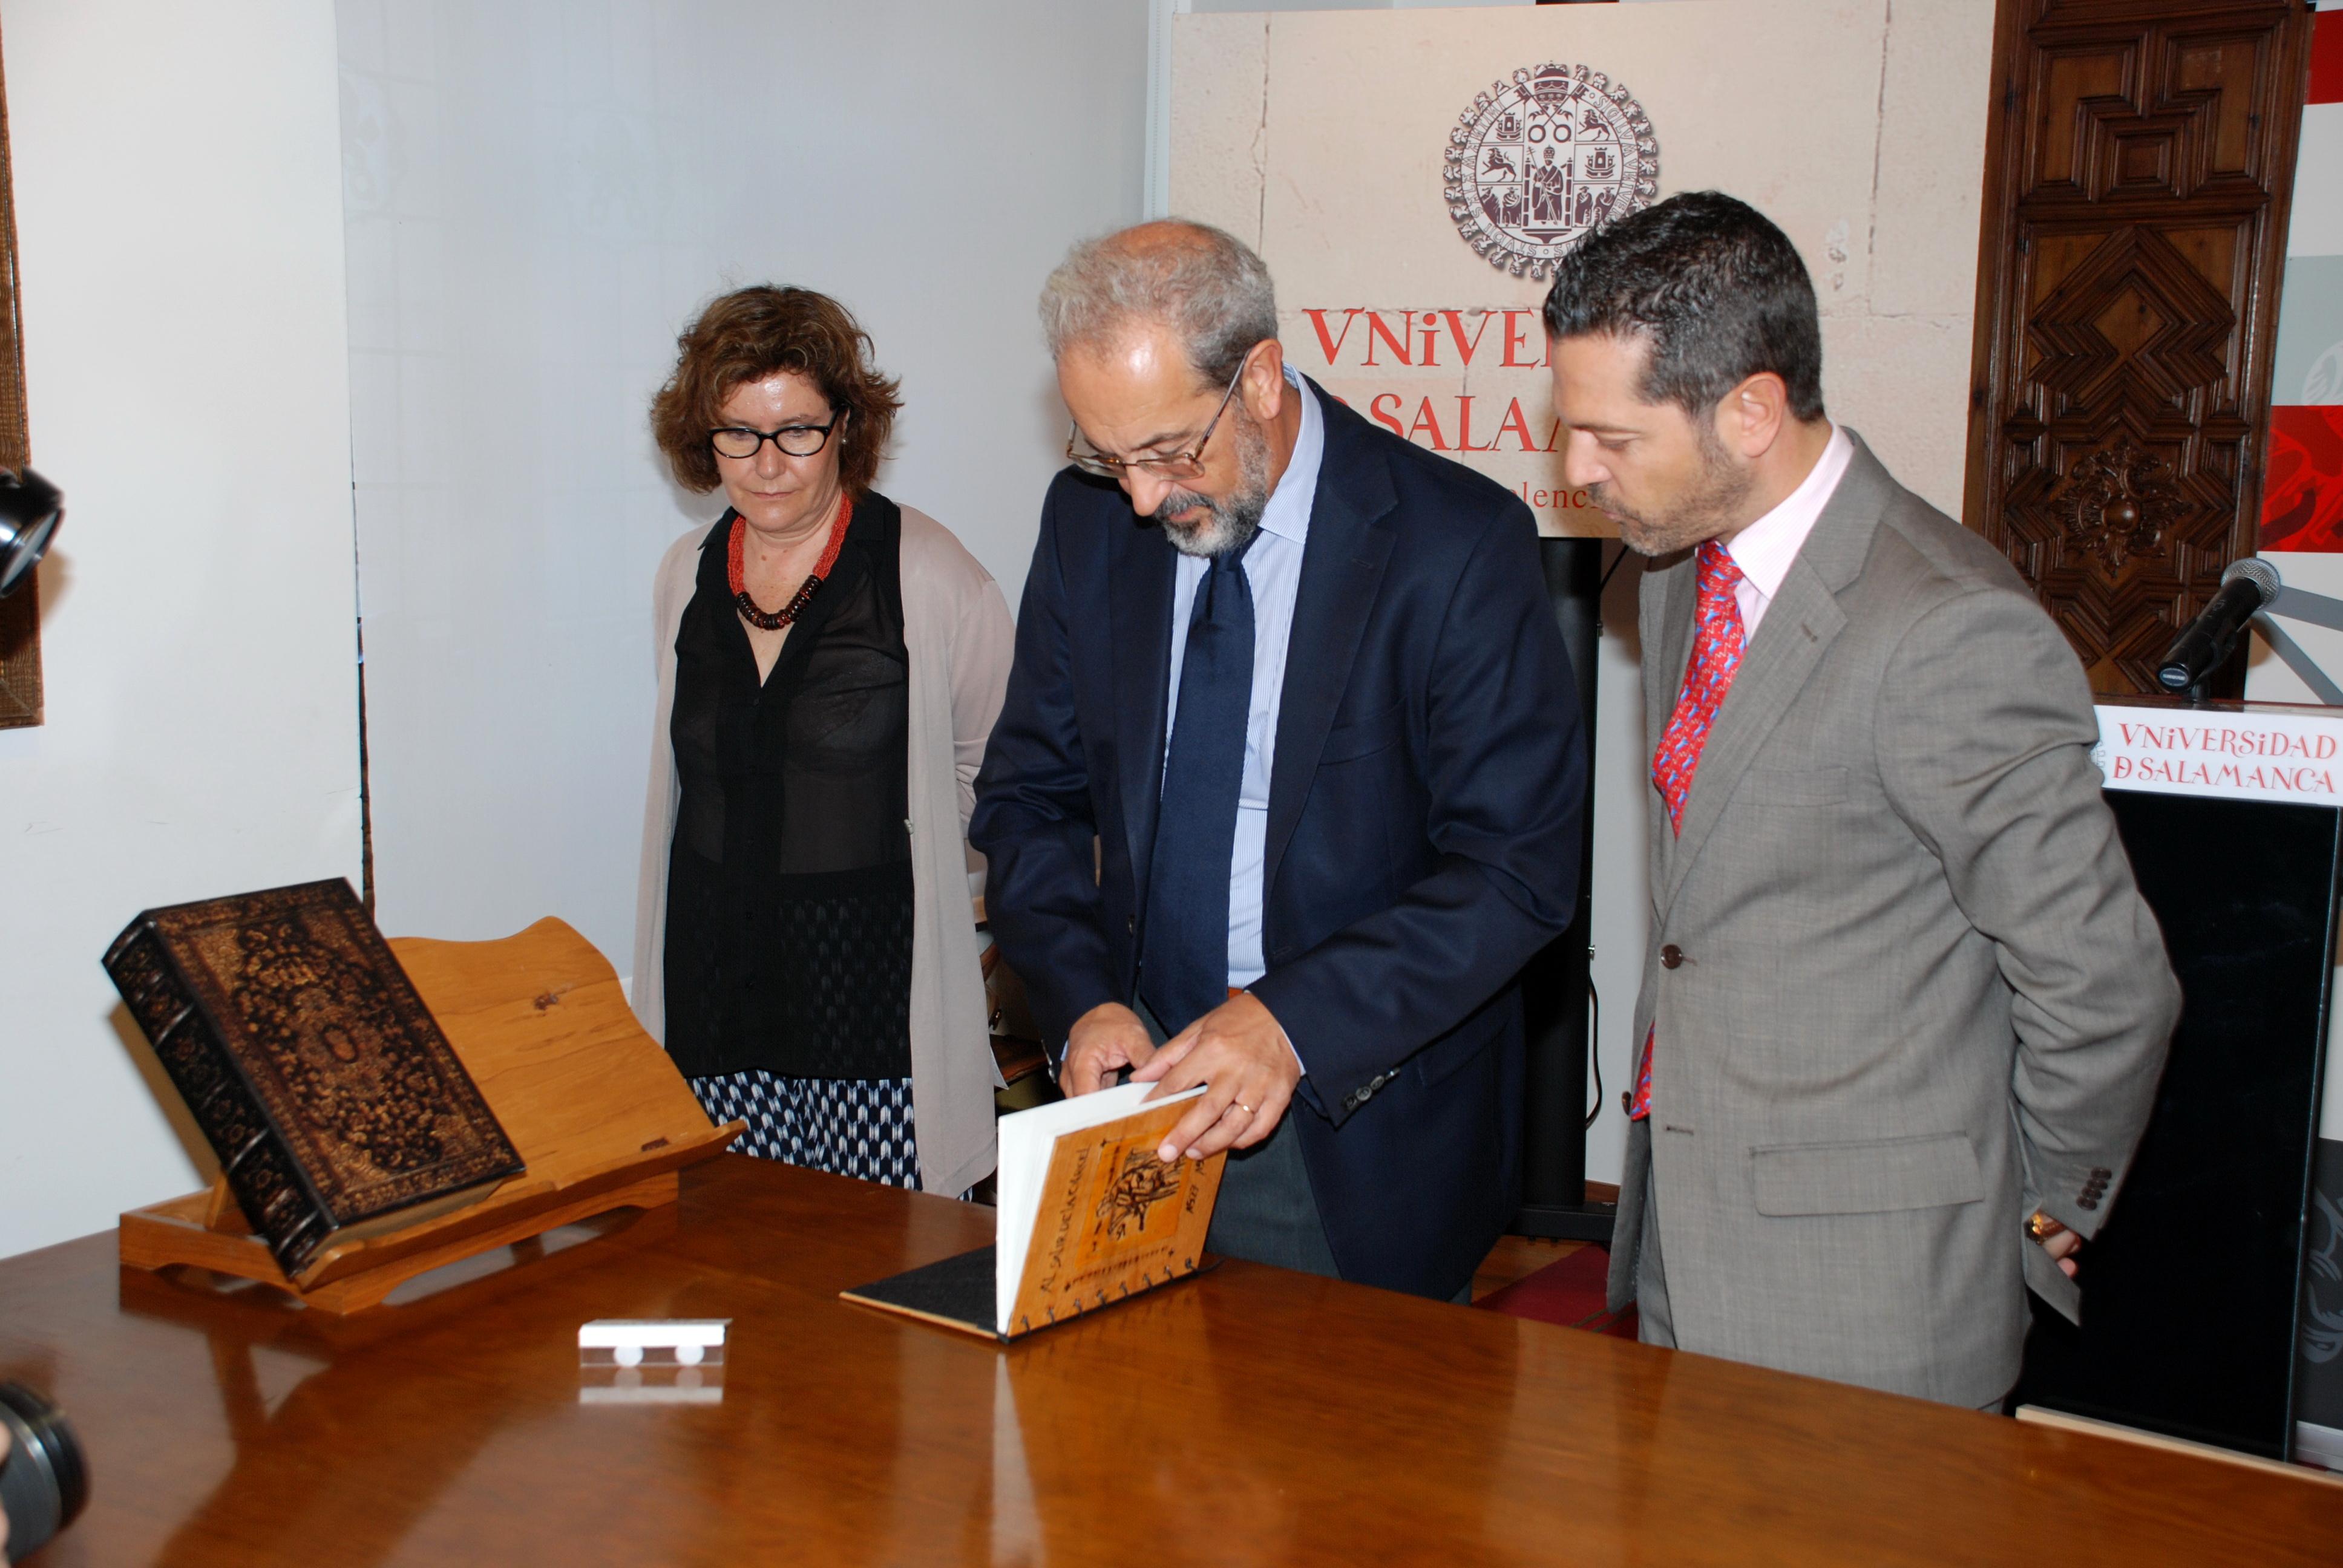 La Universidad de Salamanca recibe del Ayuntamiento la obra 'Al salir de la cárcel', homenaje a Fray Luis de León